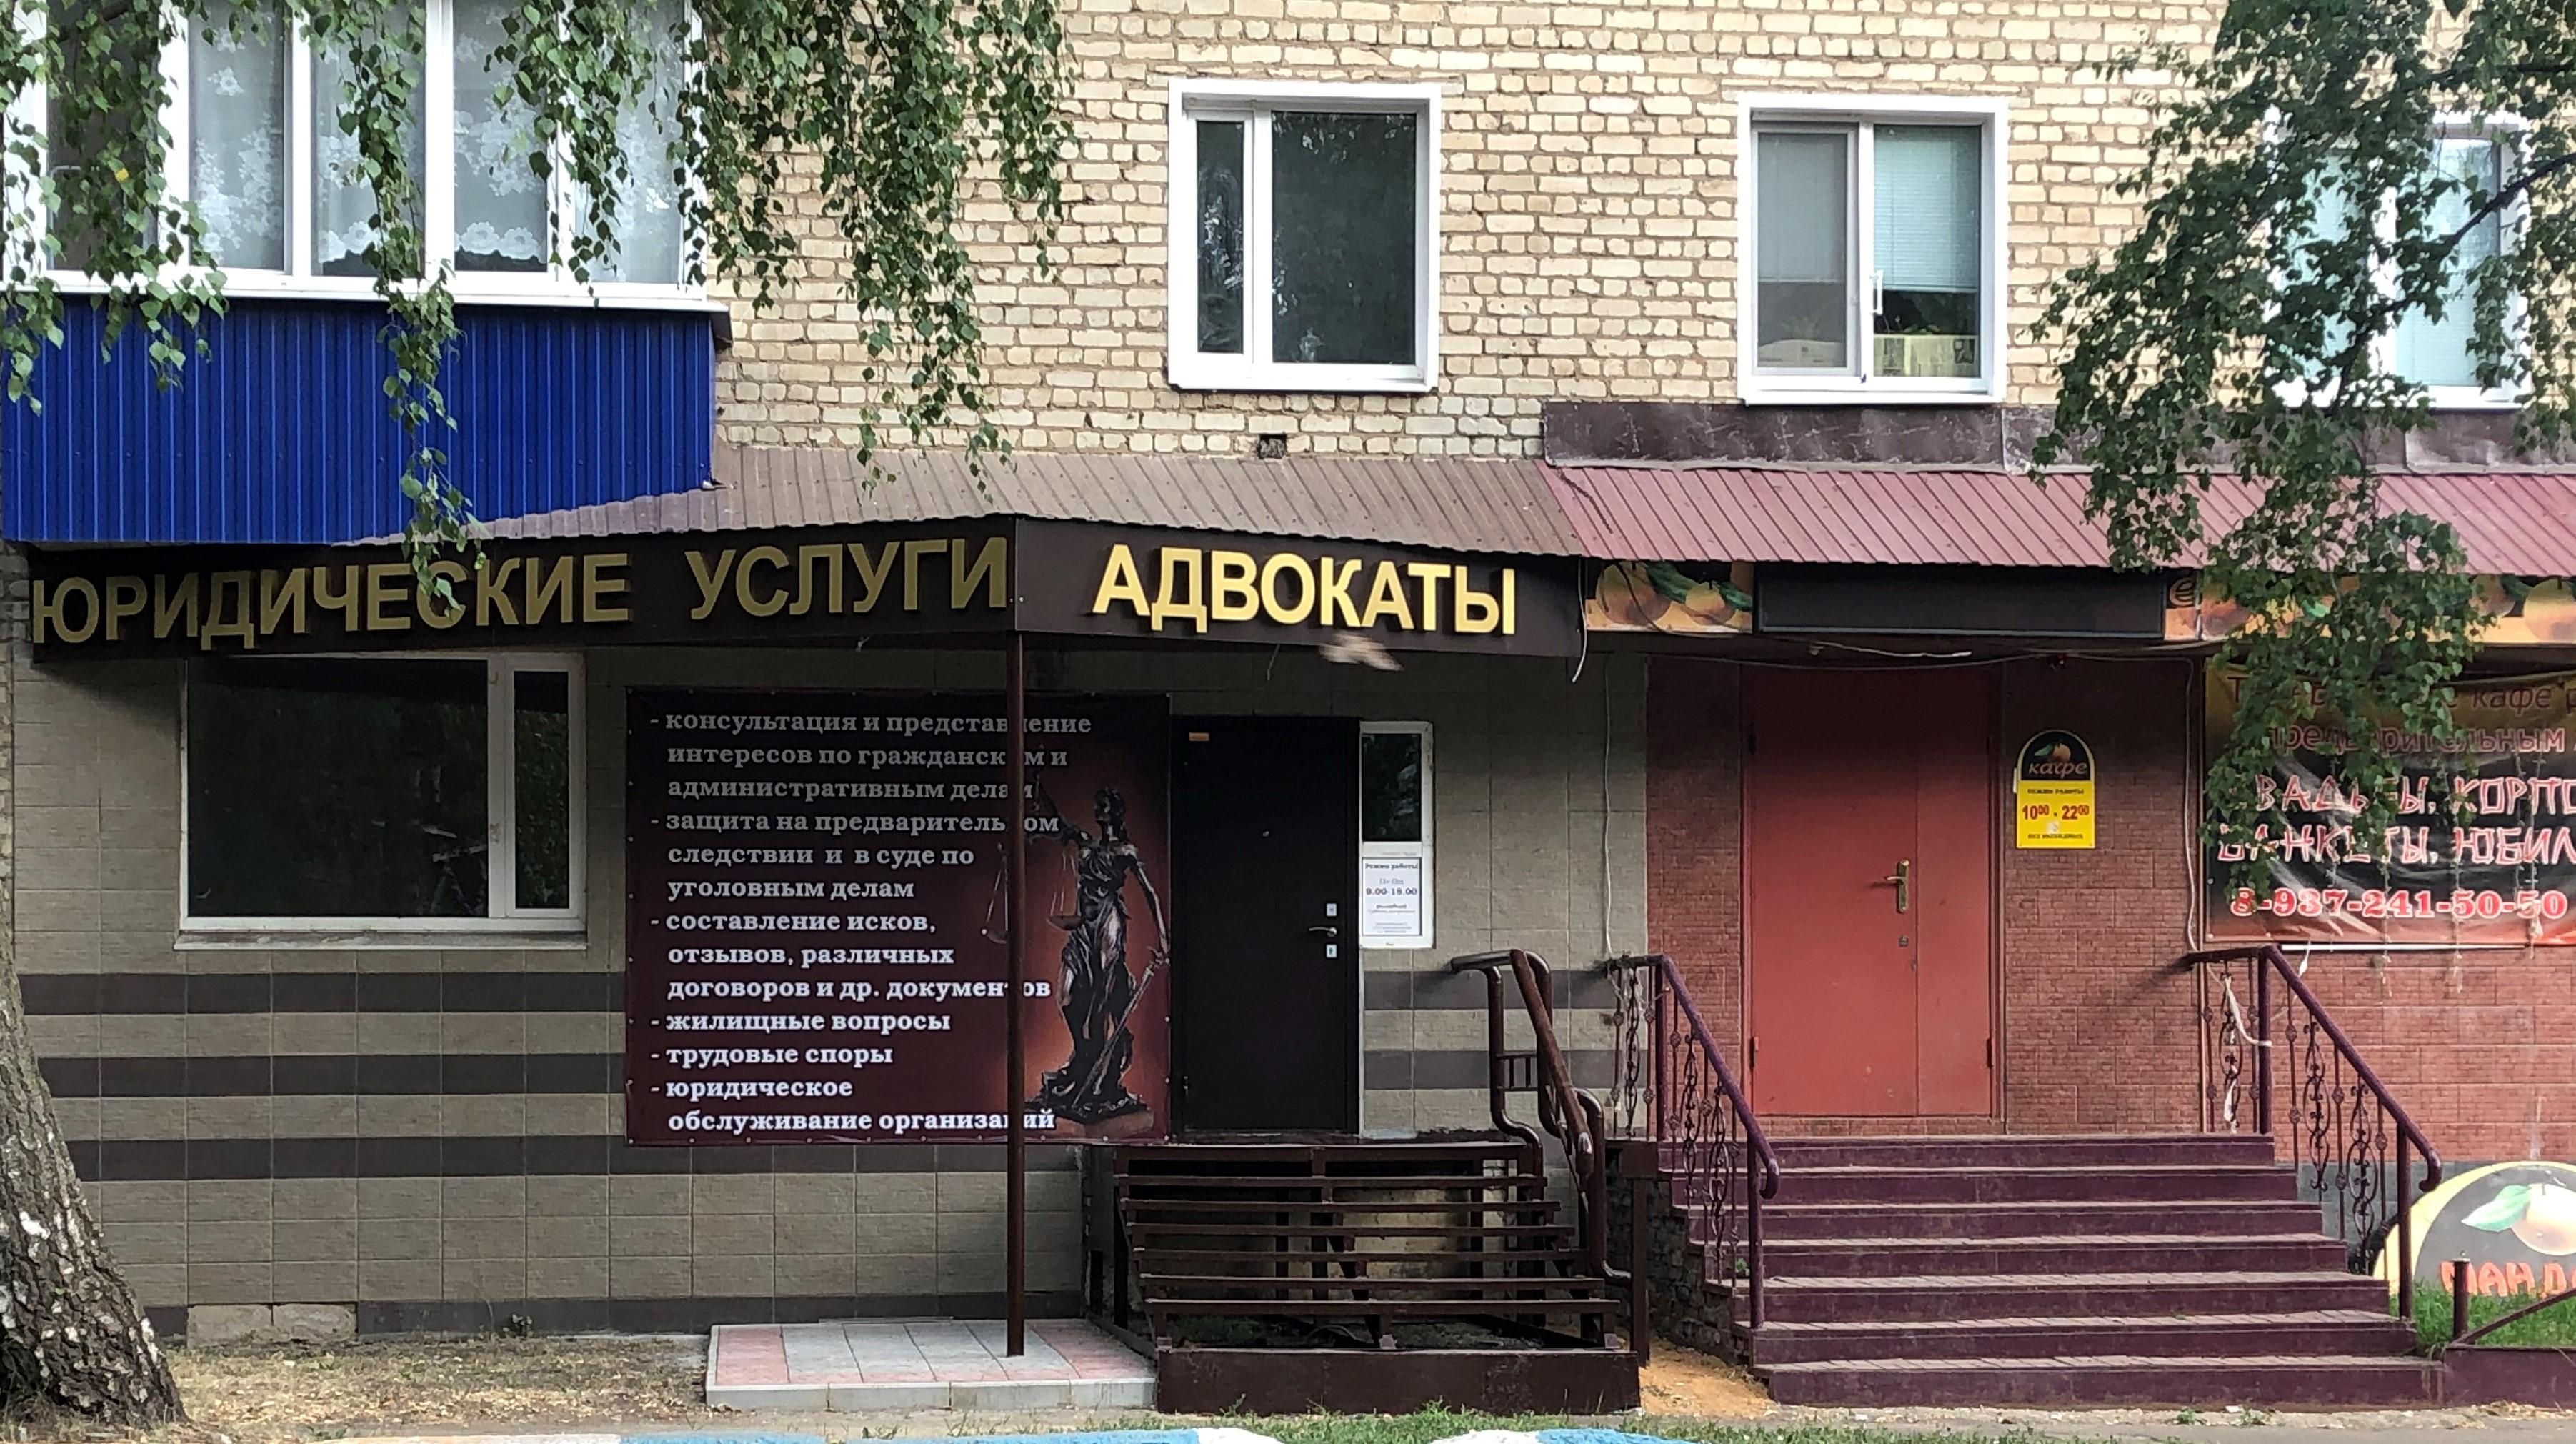 В г. Ртищево открыто Новое «ЮРИДИЧЕСКОЕ АГЕНТСТВО»